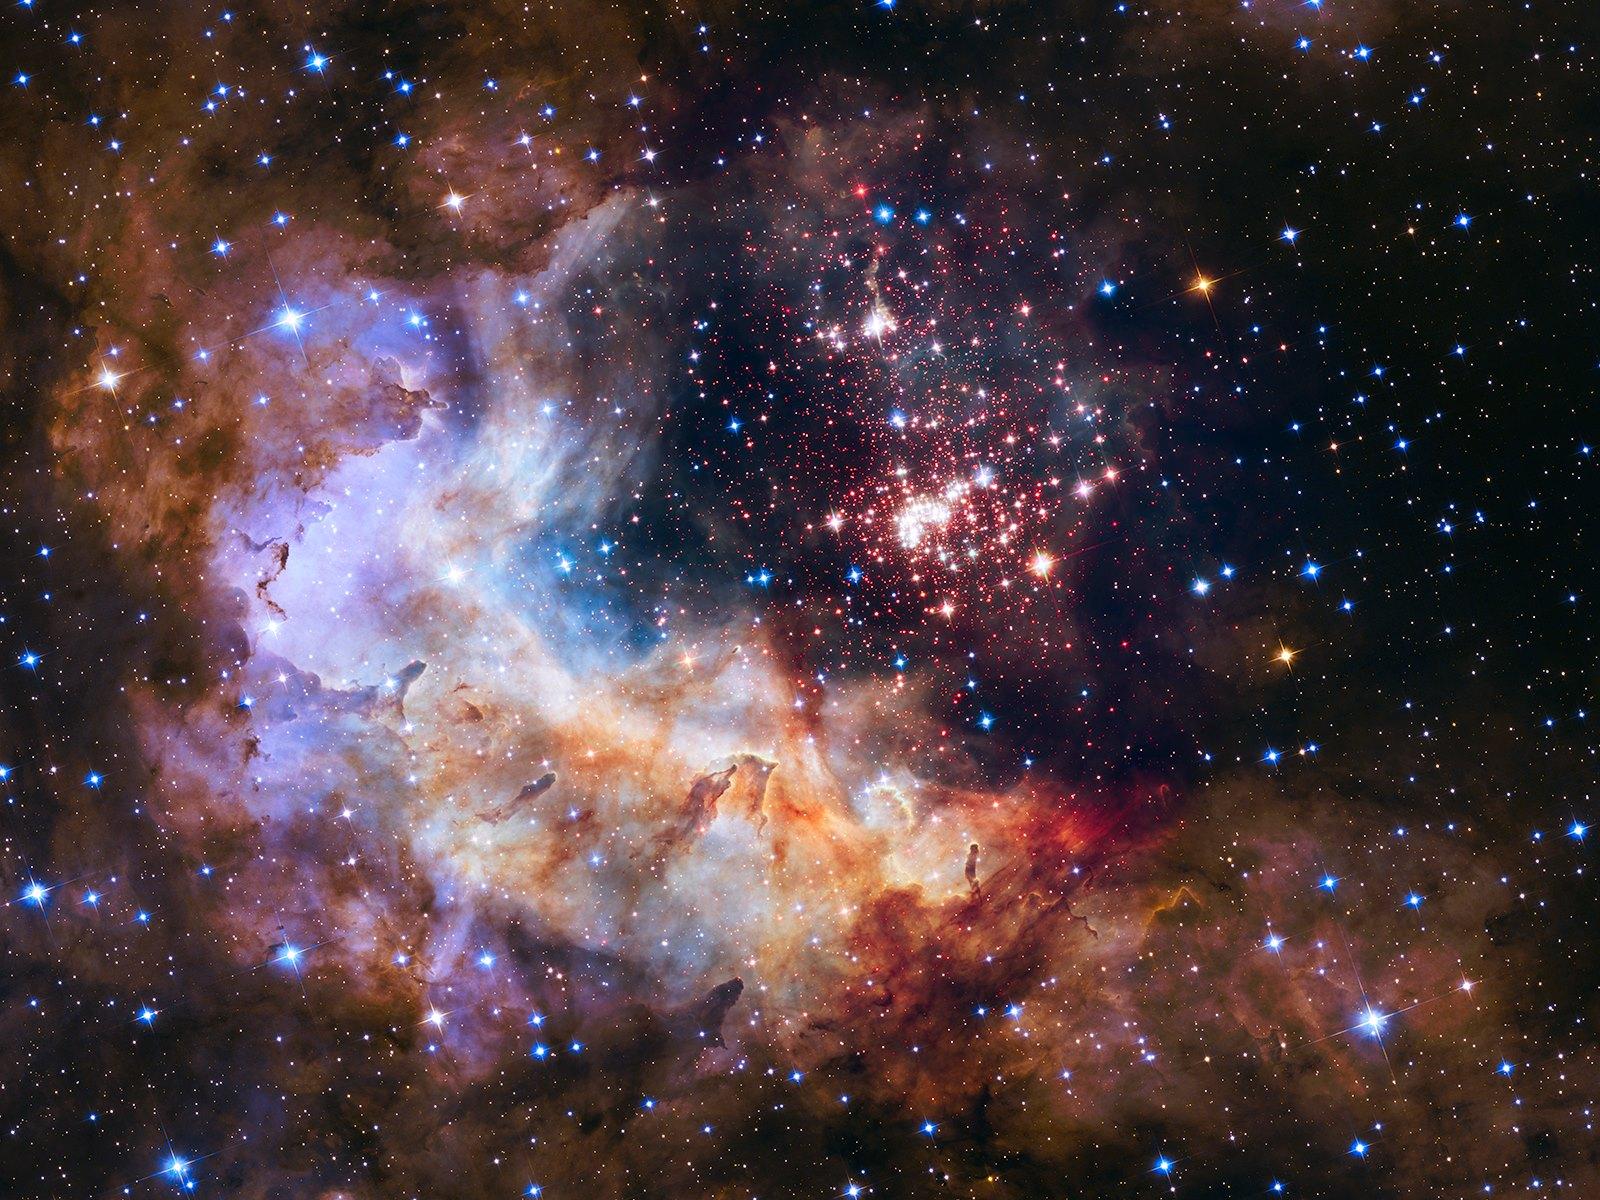 Музика по повод 25-годишнината од телескопот Хабл направена од наш читател